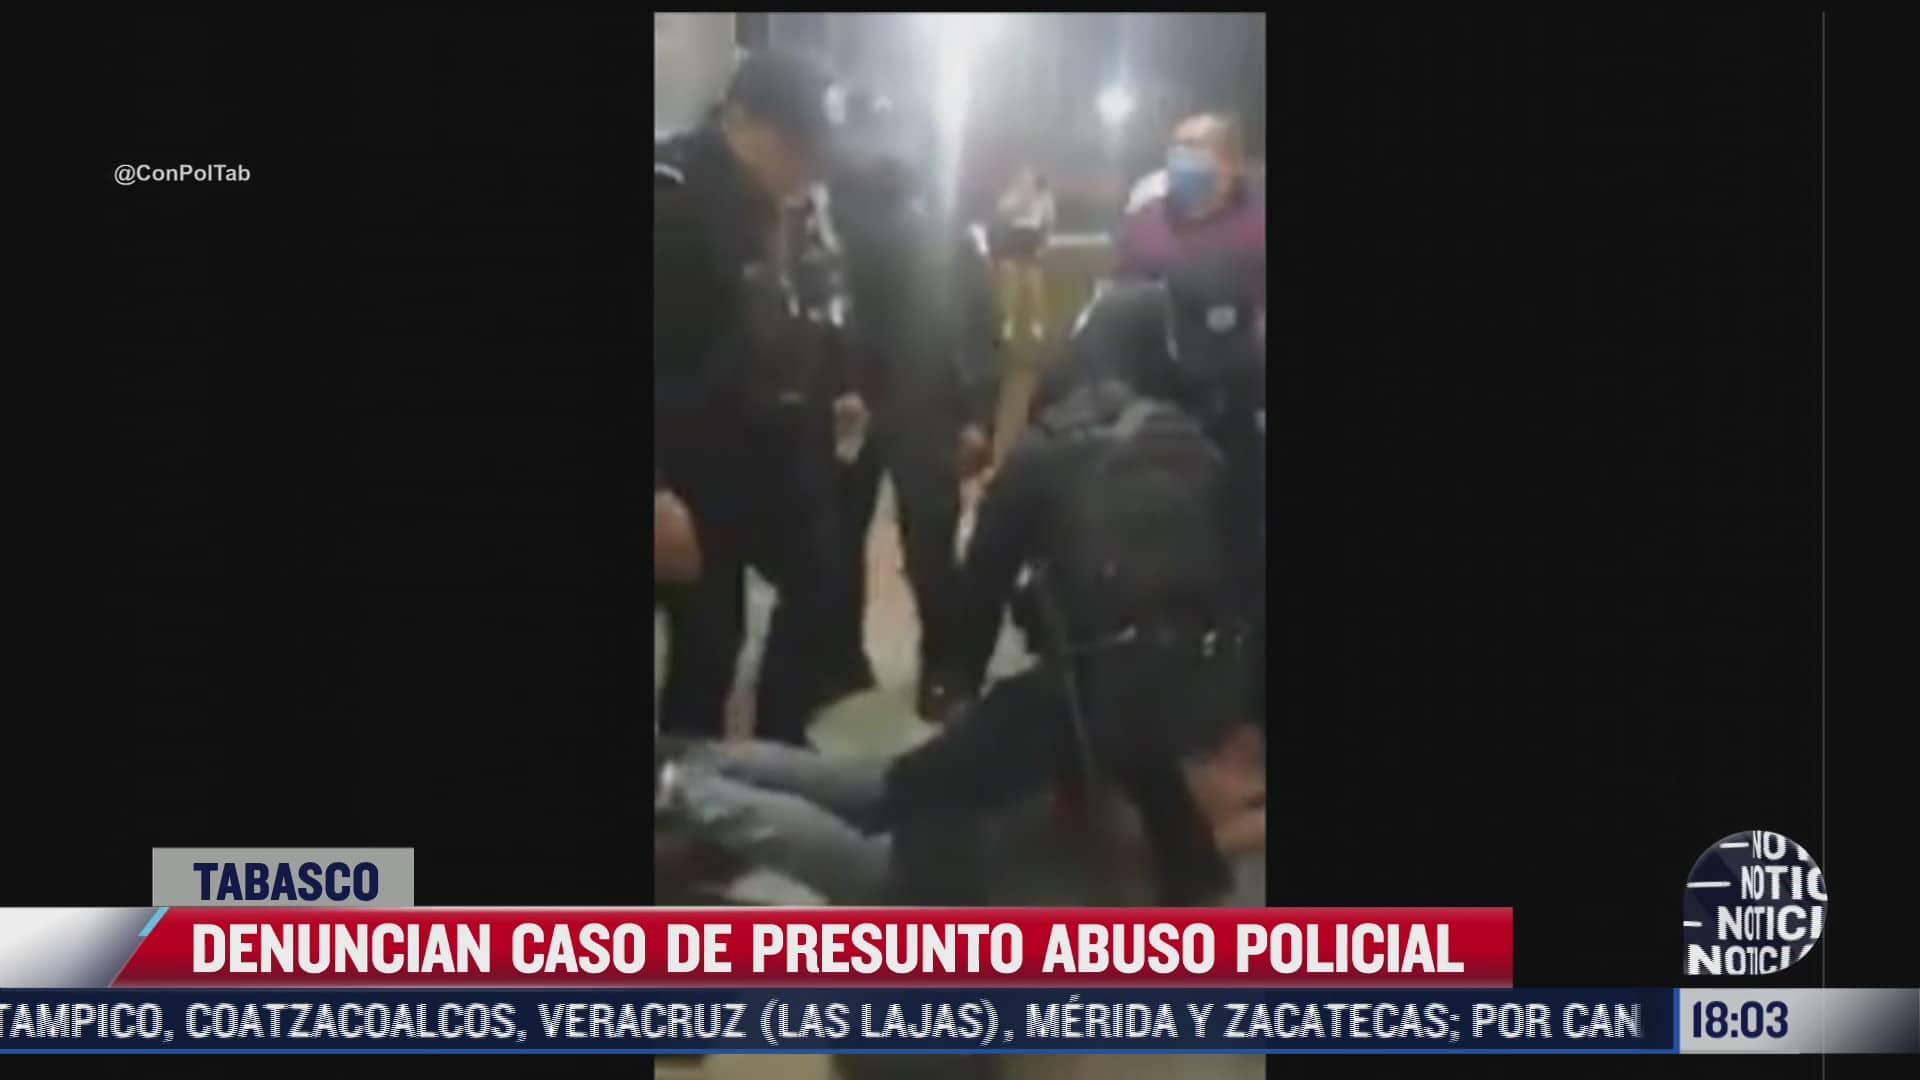 denuncian caso de presunto abuso policial en tabasco